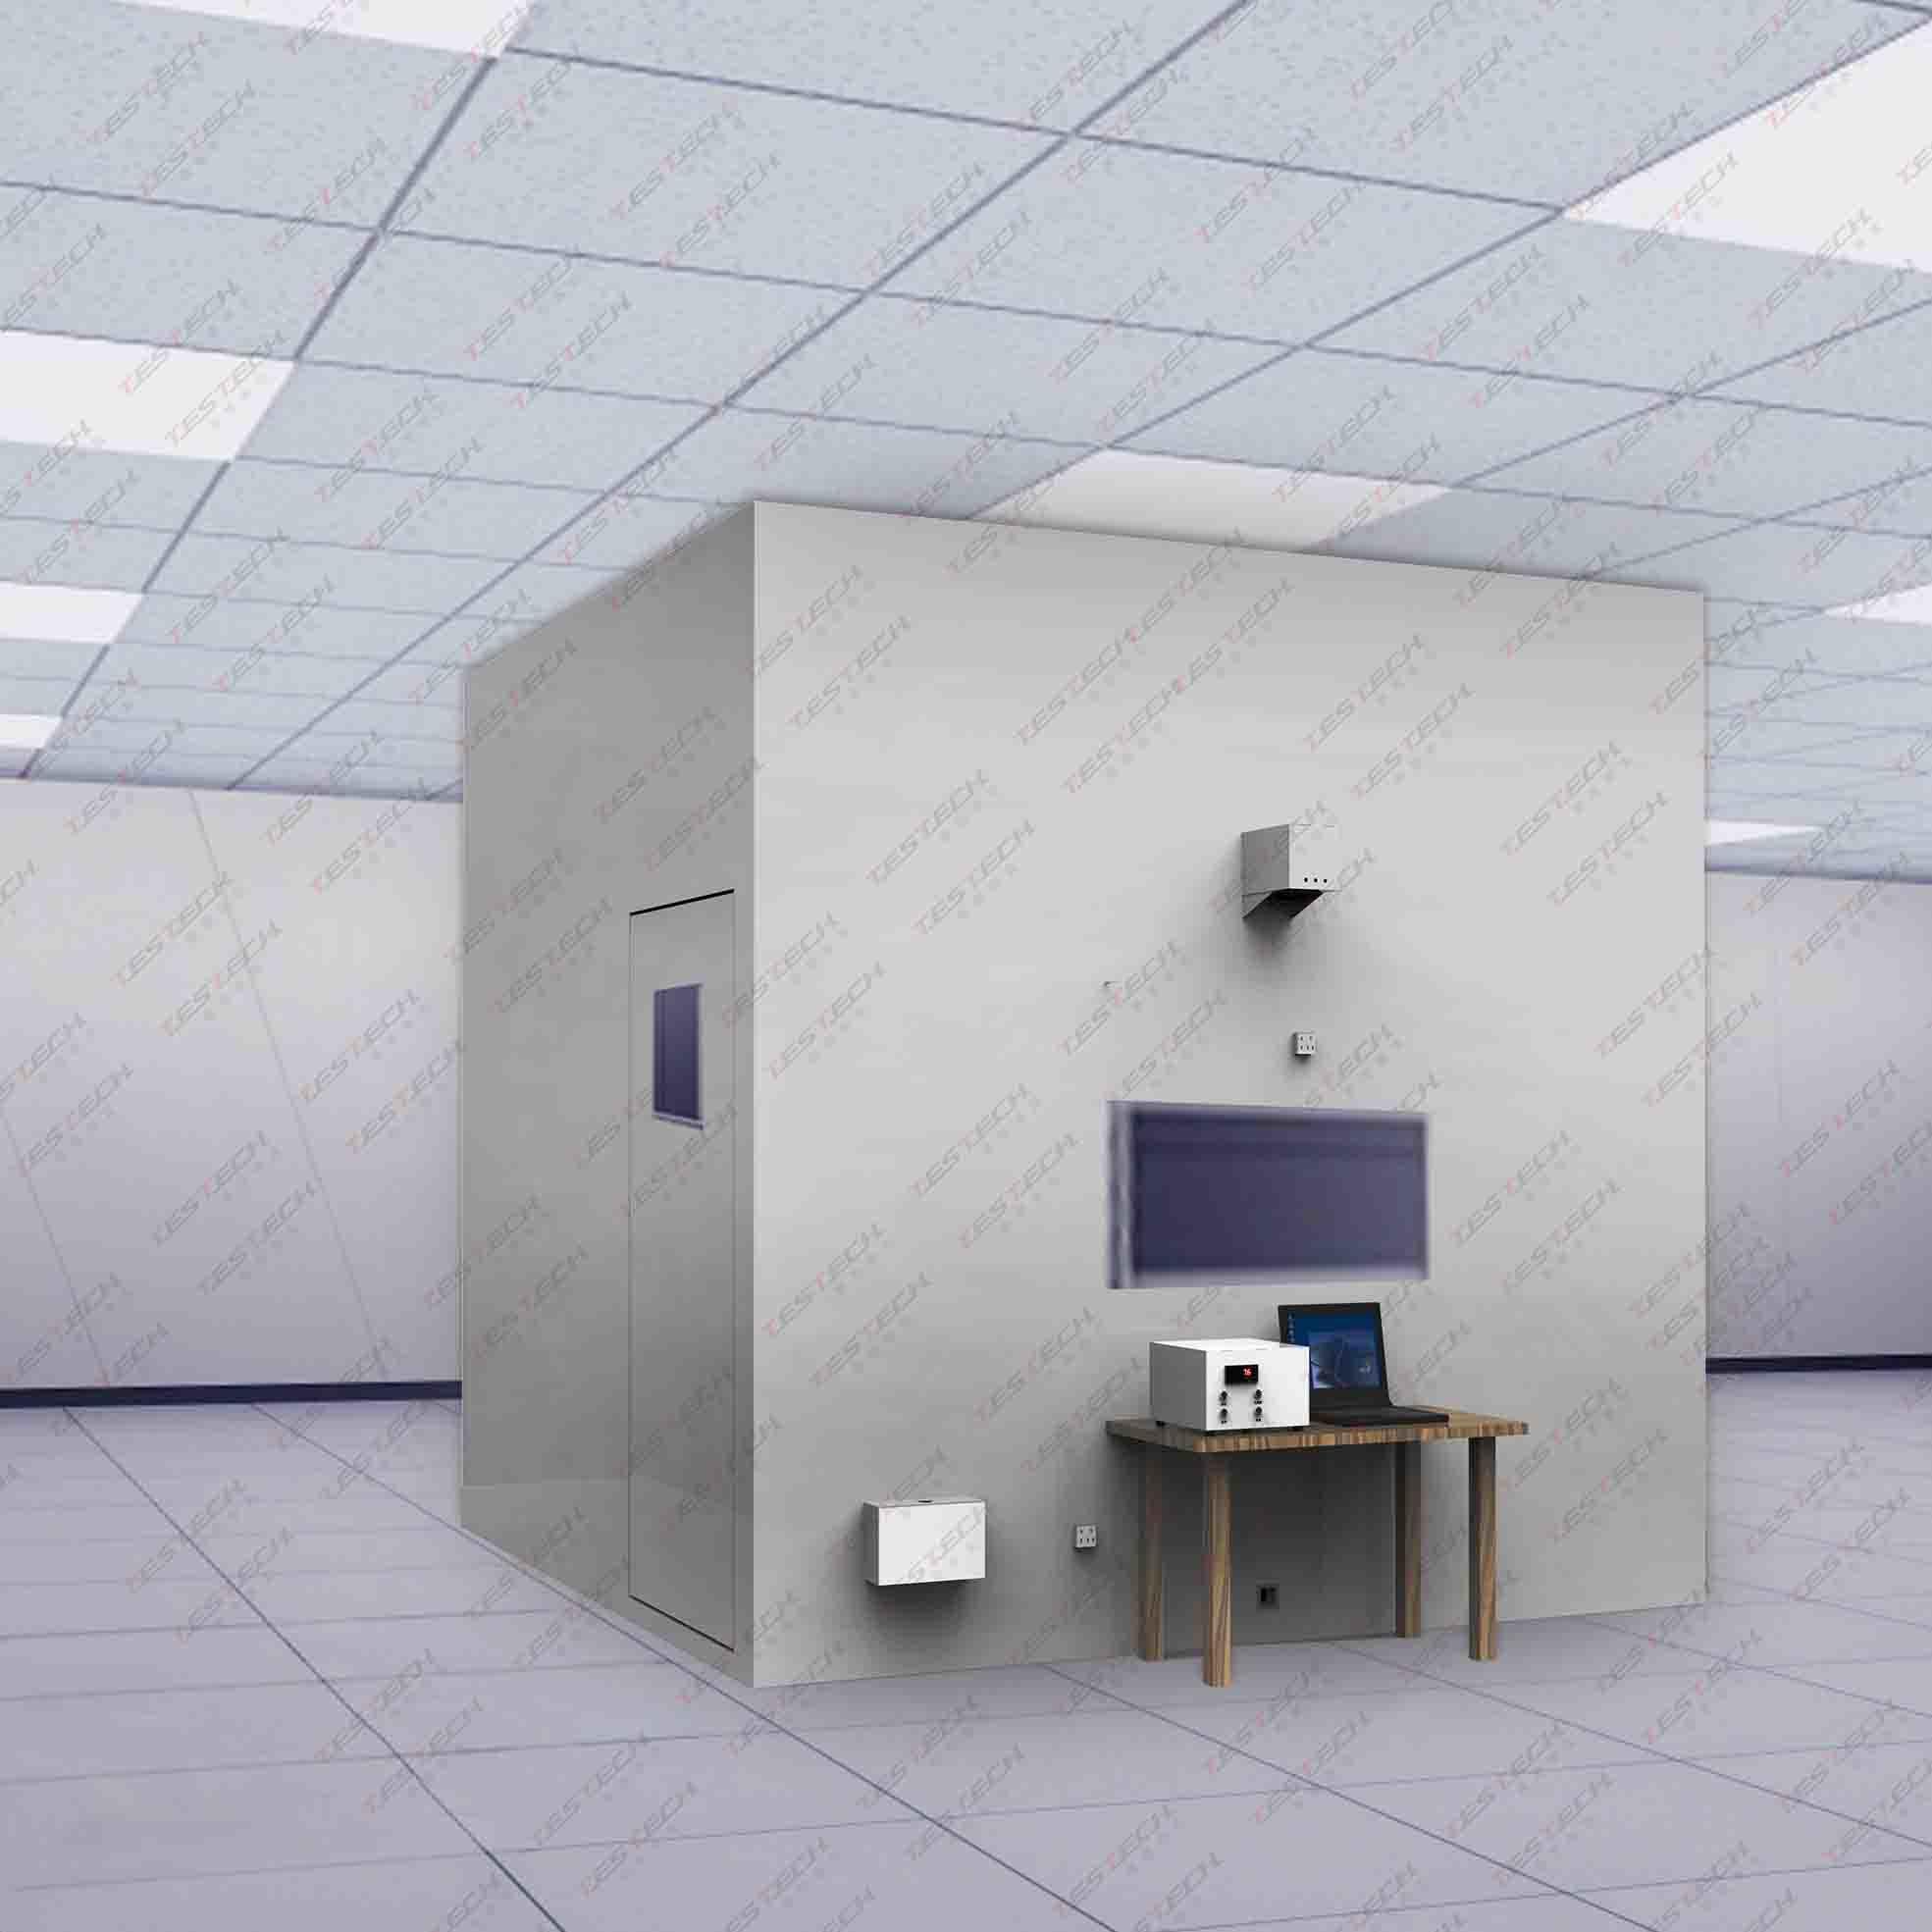 3 Metre Cube Smoke Apparatus, En 50268, IEC 61034 (FTech-IEC61034)